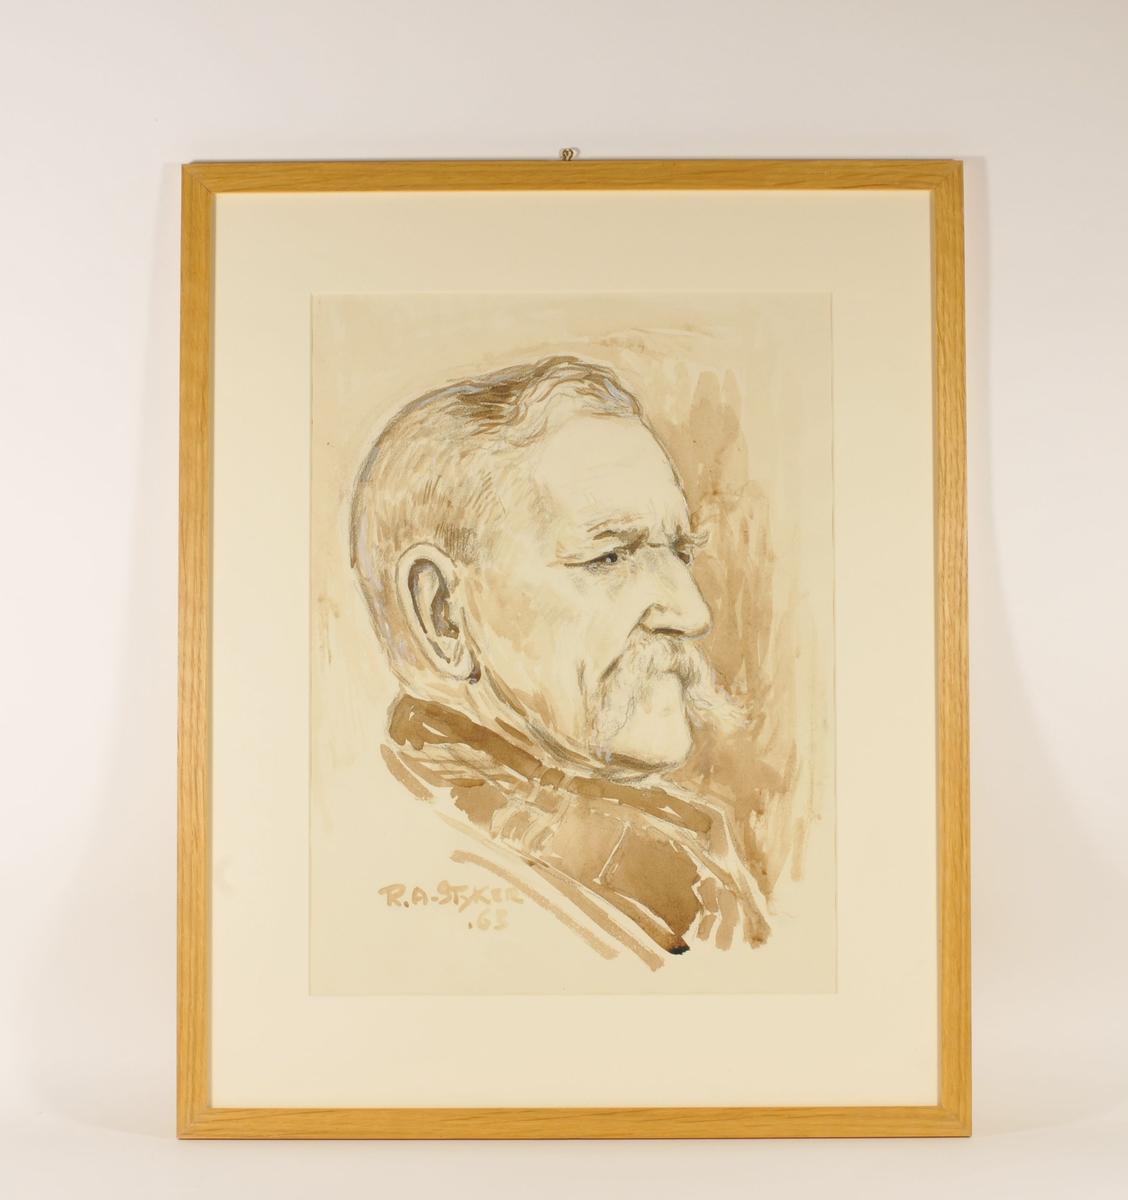 Portrett i profil av en mann med mustasj og bakoverkjemmet hår.